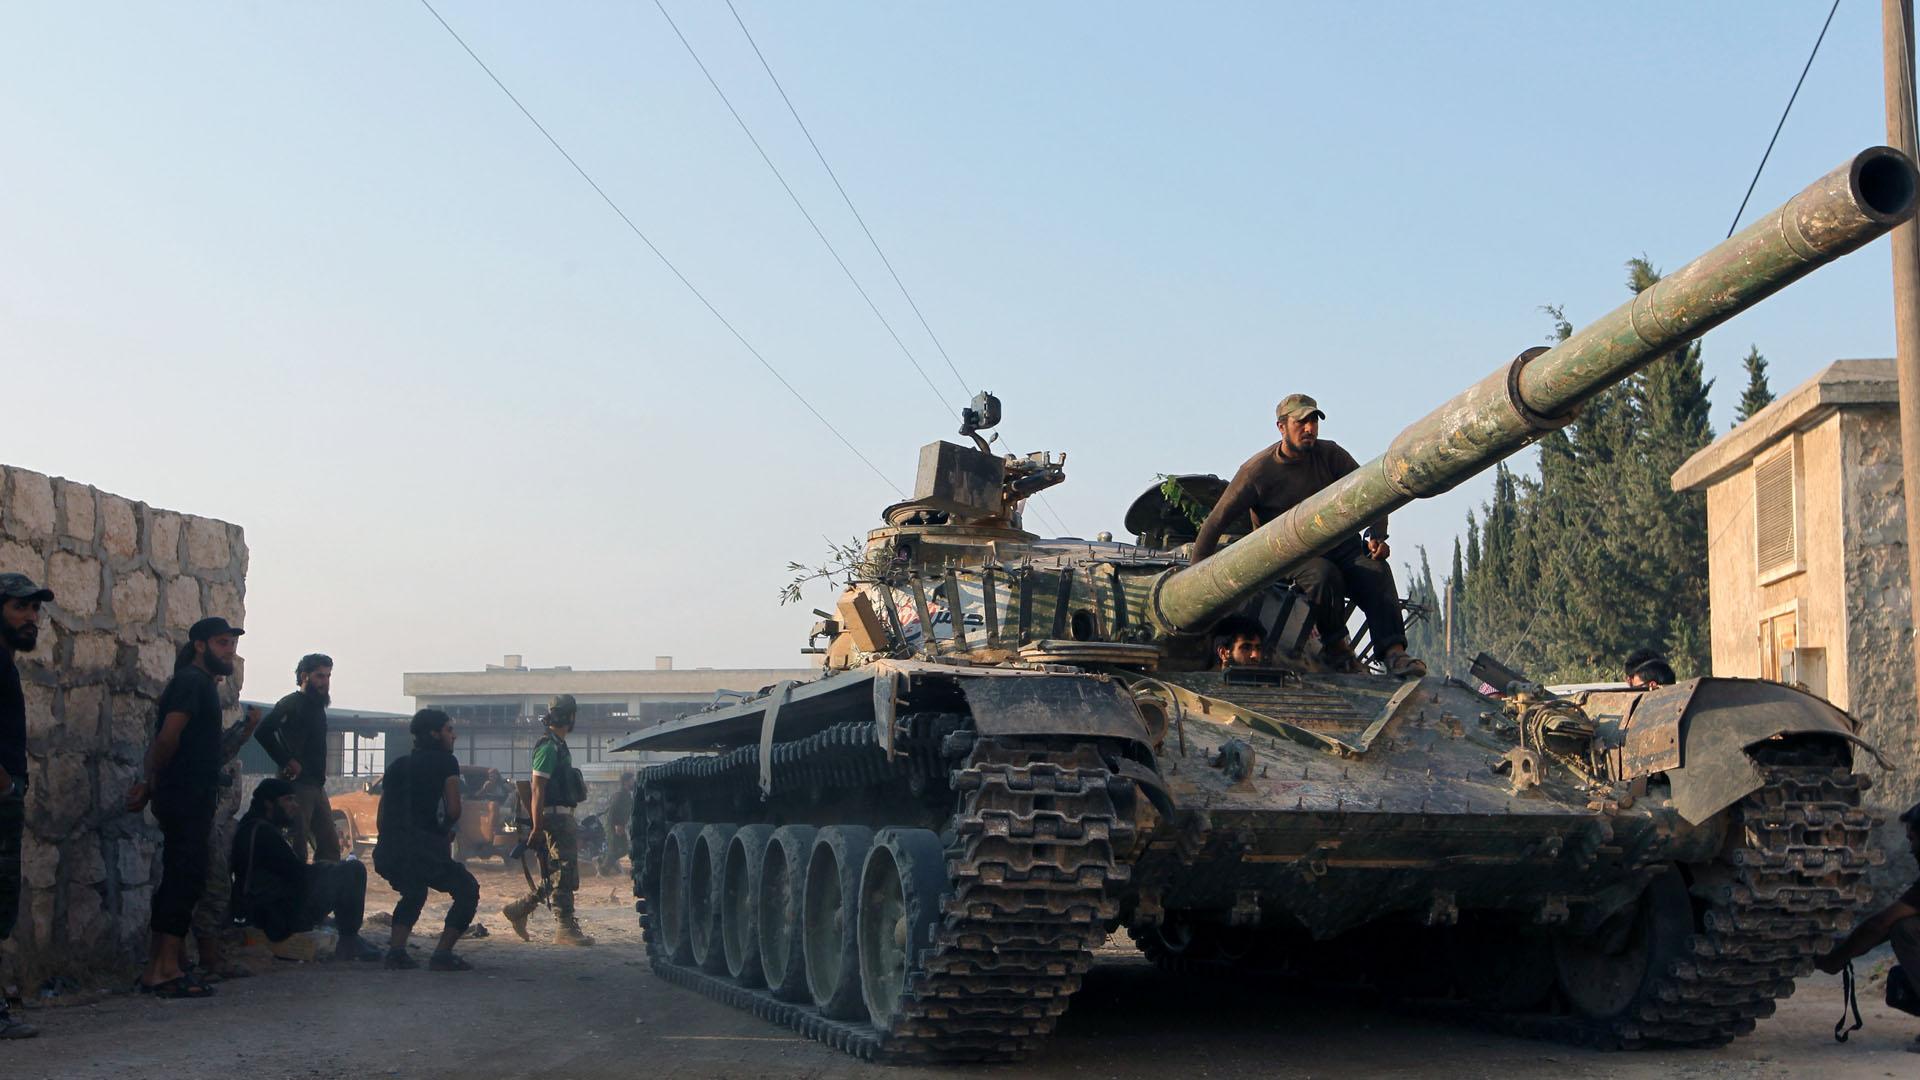 La milicia que apoya al Gobierno de Bashar al Assad enviaron refuerzos a la ciudad de Alepo